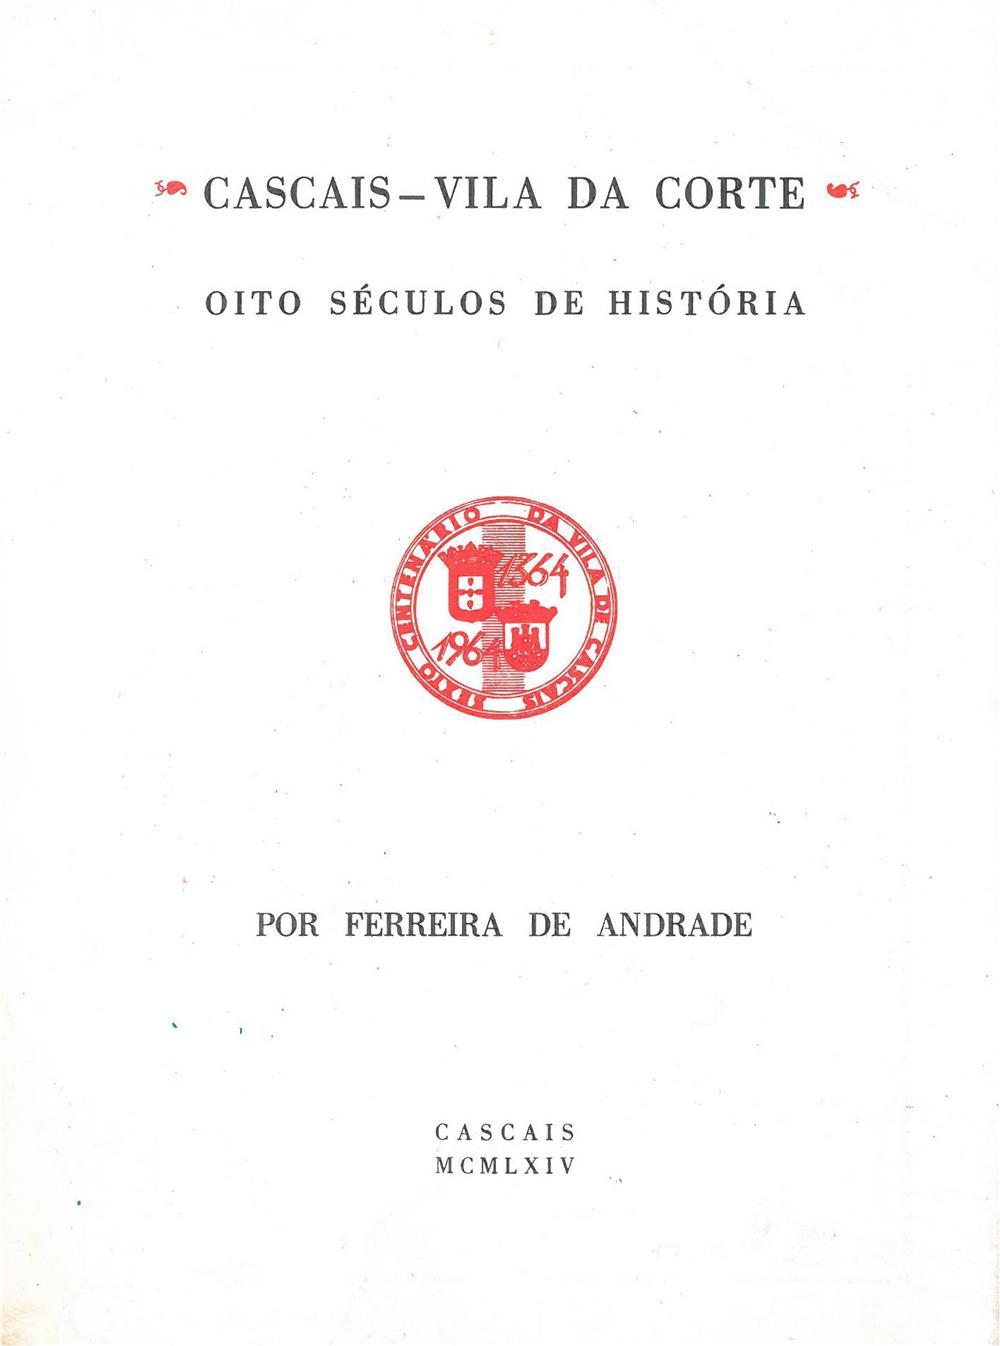 Cascais_Vila da Corte.jpg